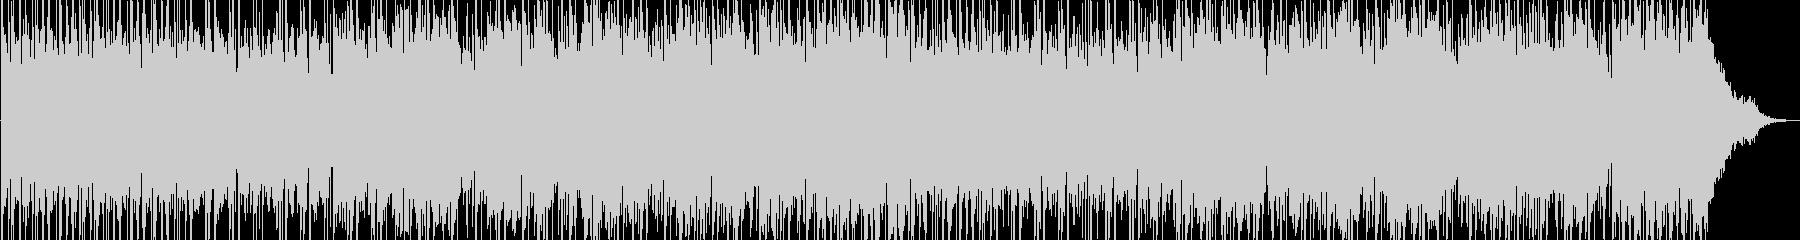 宇多田ヒカル風都会的なポップスオリジナルの未再生の波形